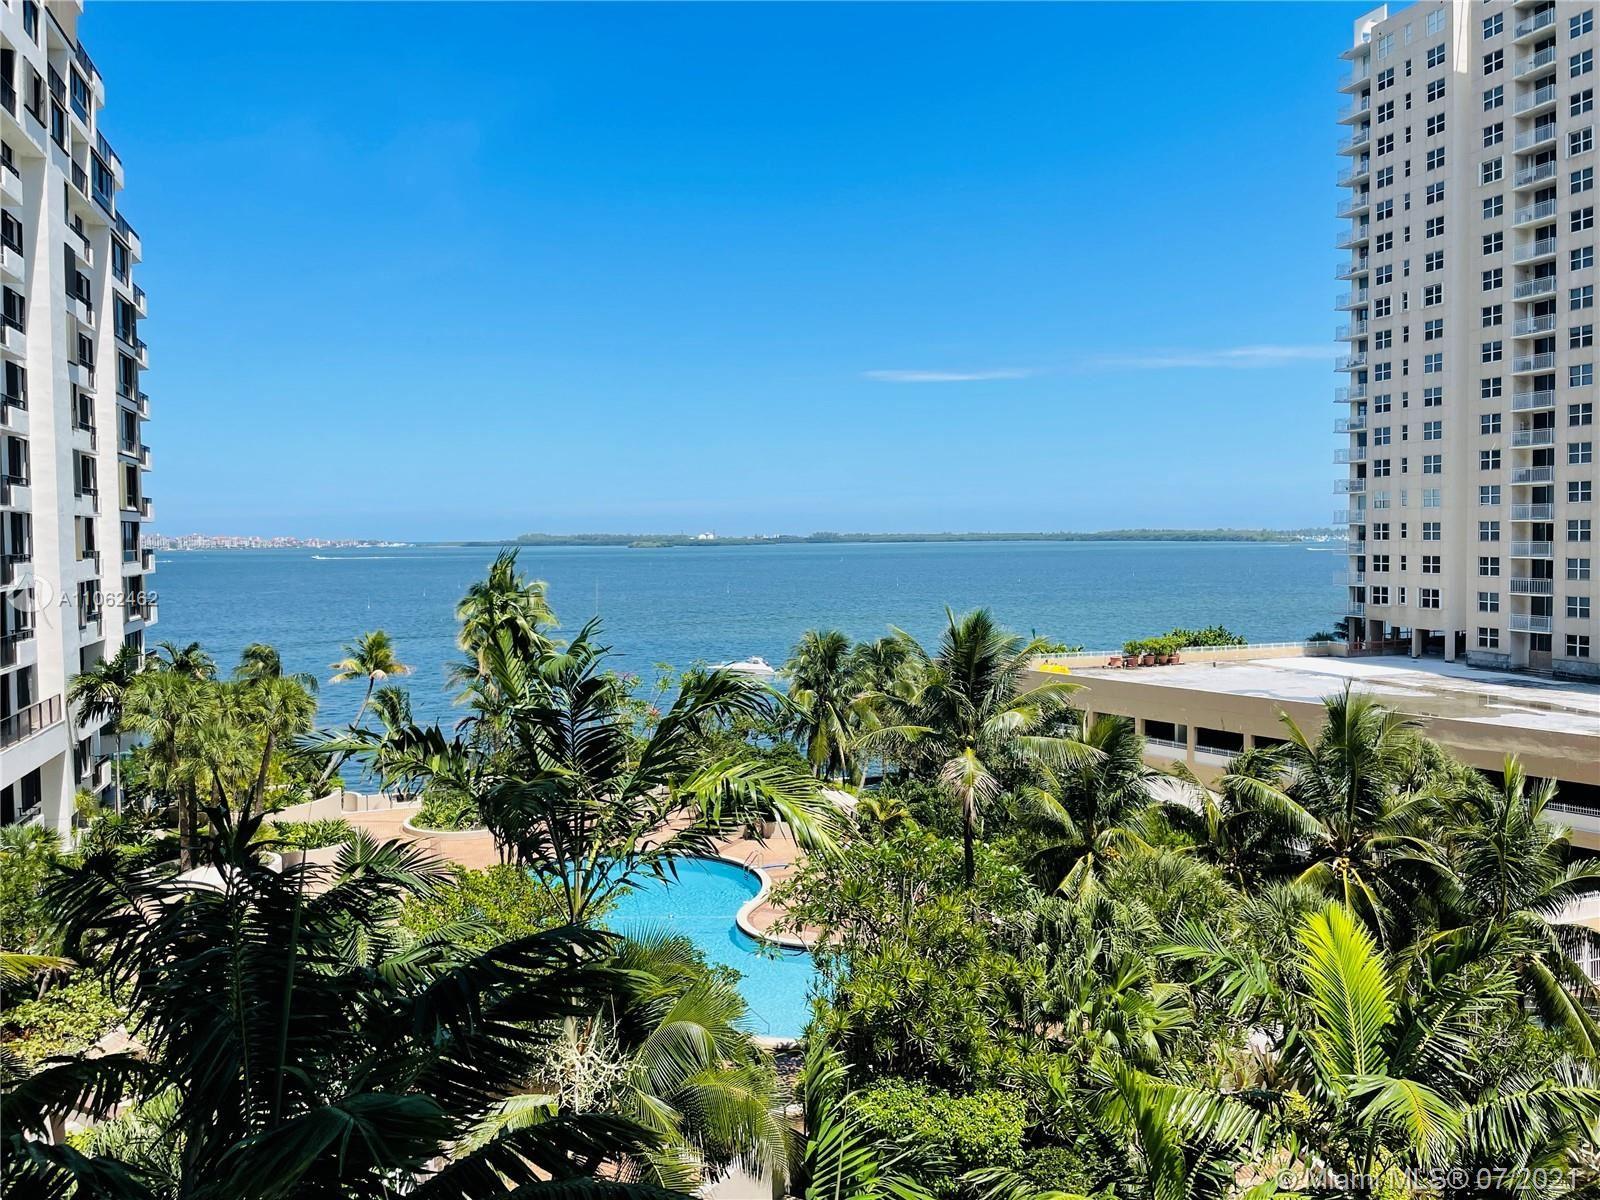 520 Brickell Key Dr #A713, Miami, FL 33131 - #: A11062462